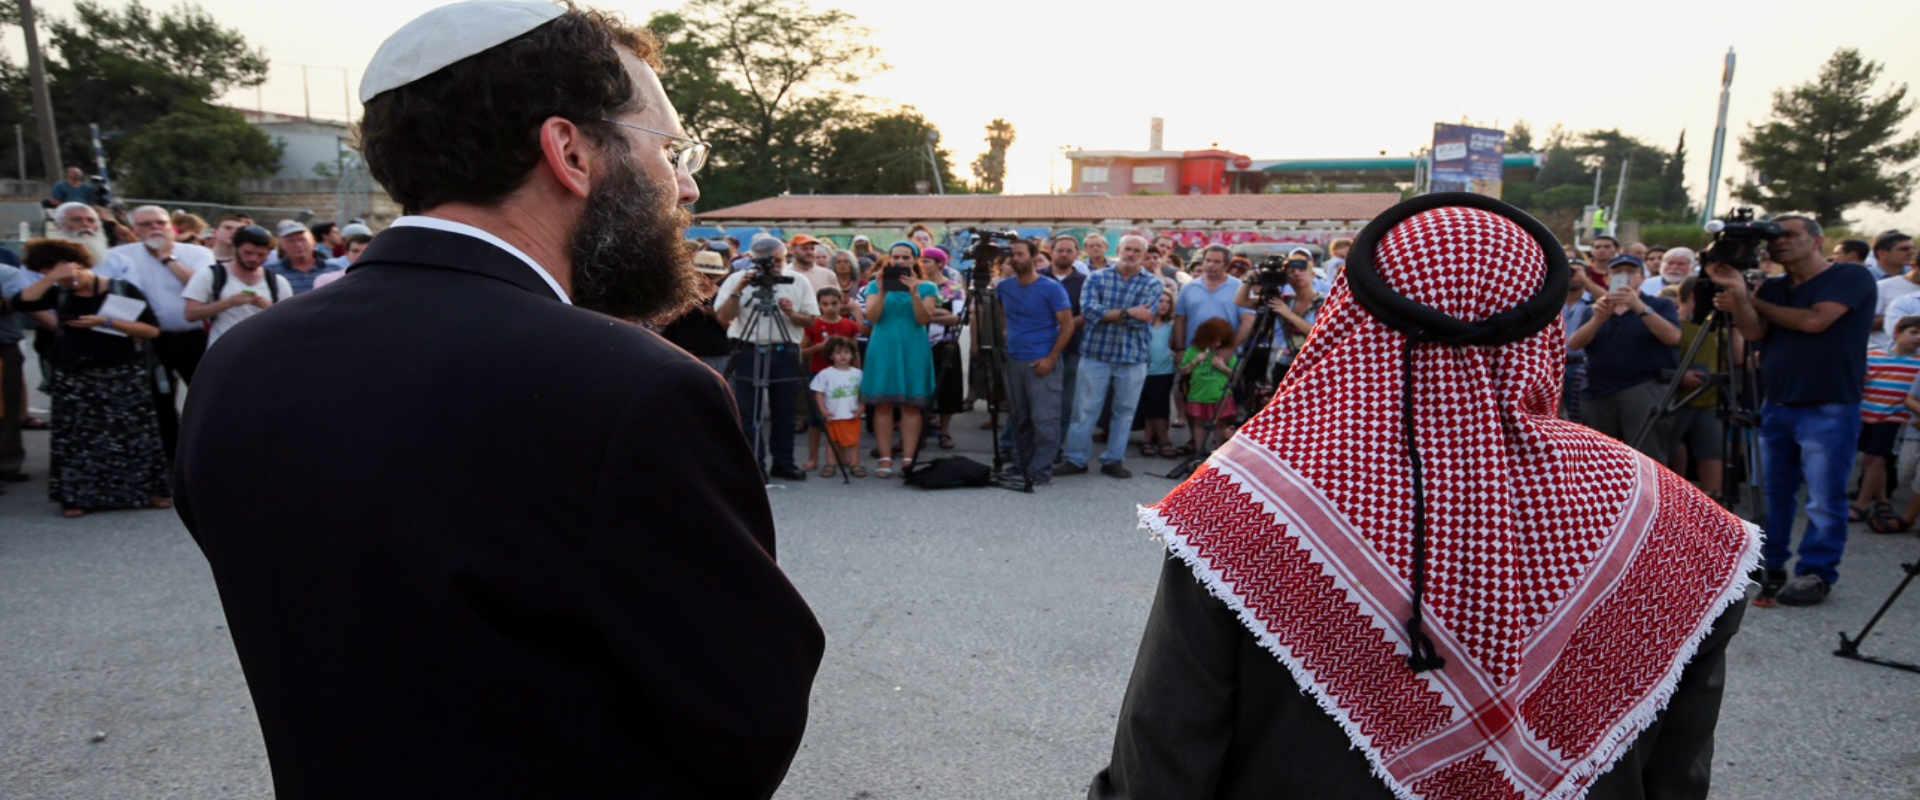 אירוע תפילה משותף של מוסלמים ויהודים בגוש עציון